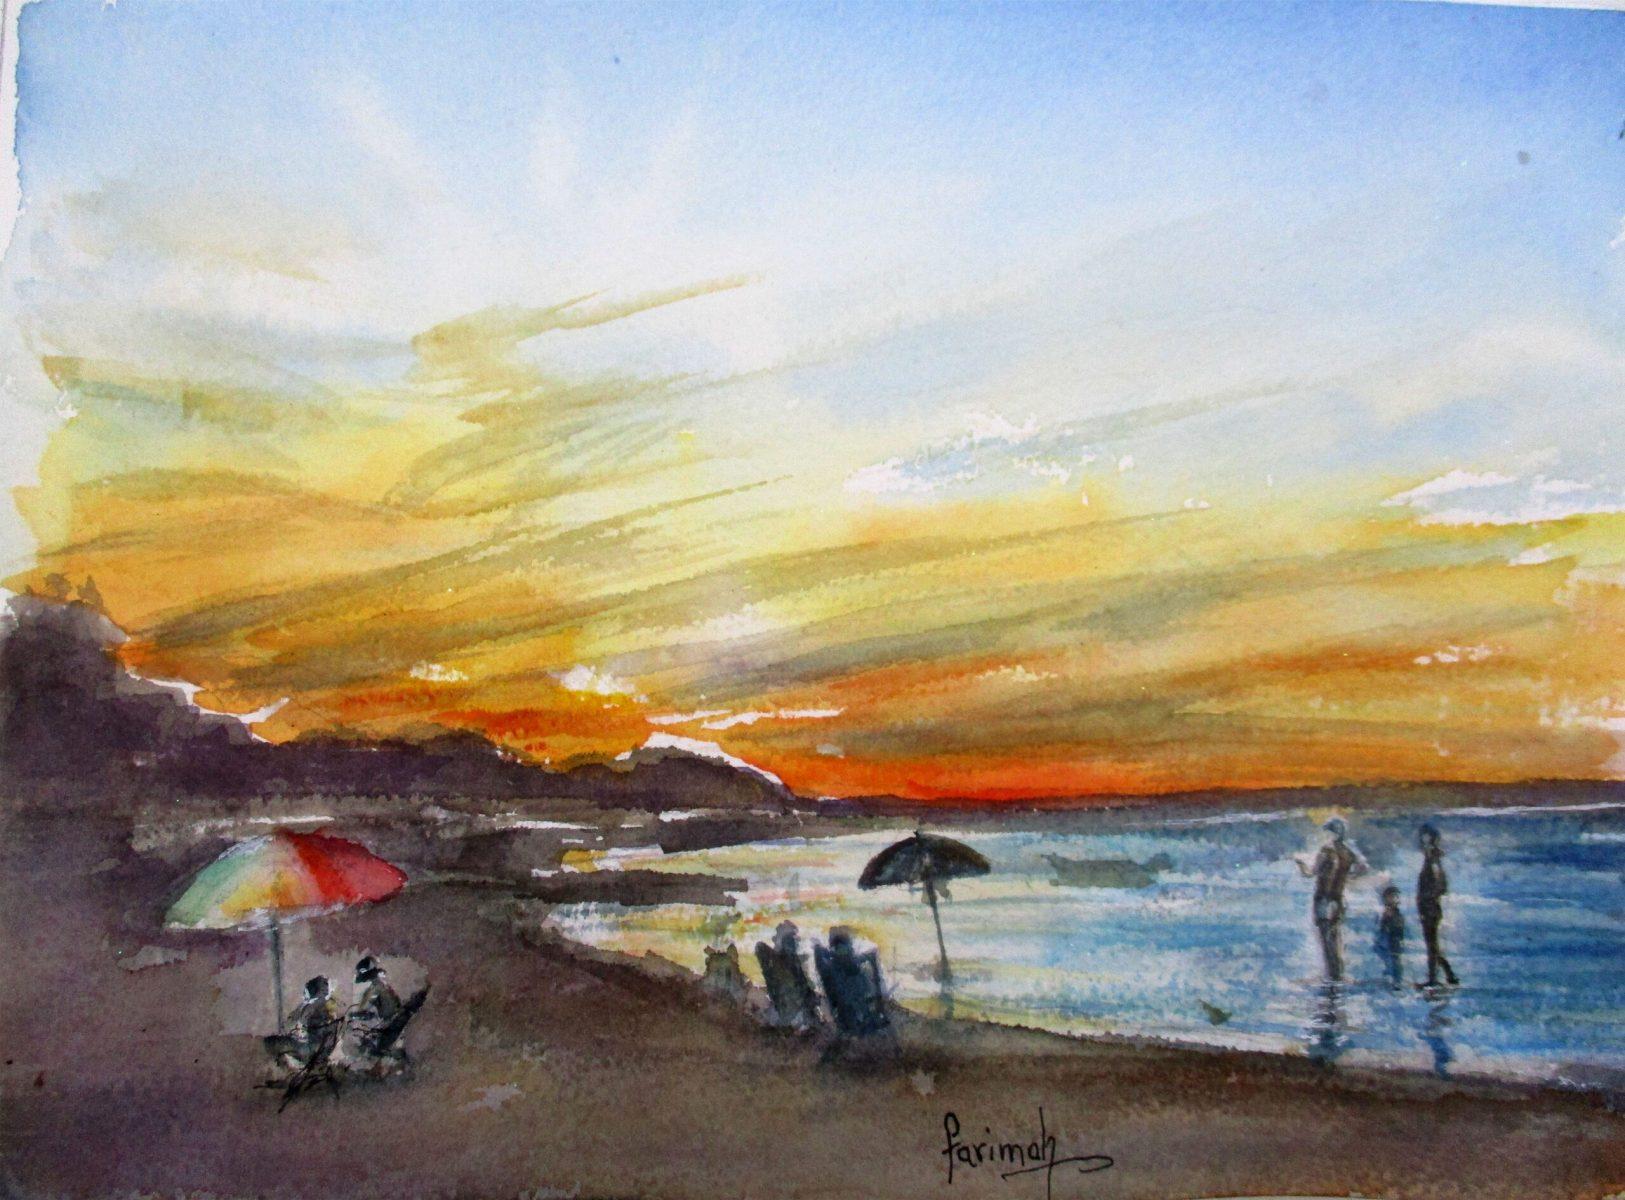 Farimah Eshraghi - At the Beach